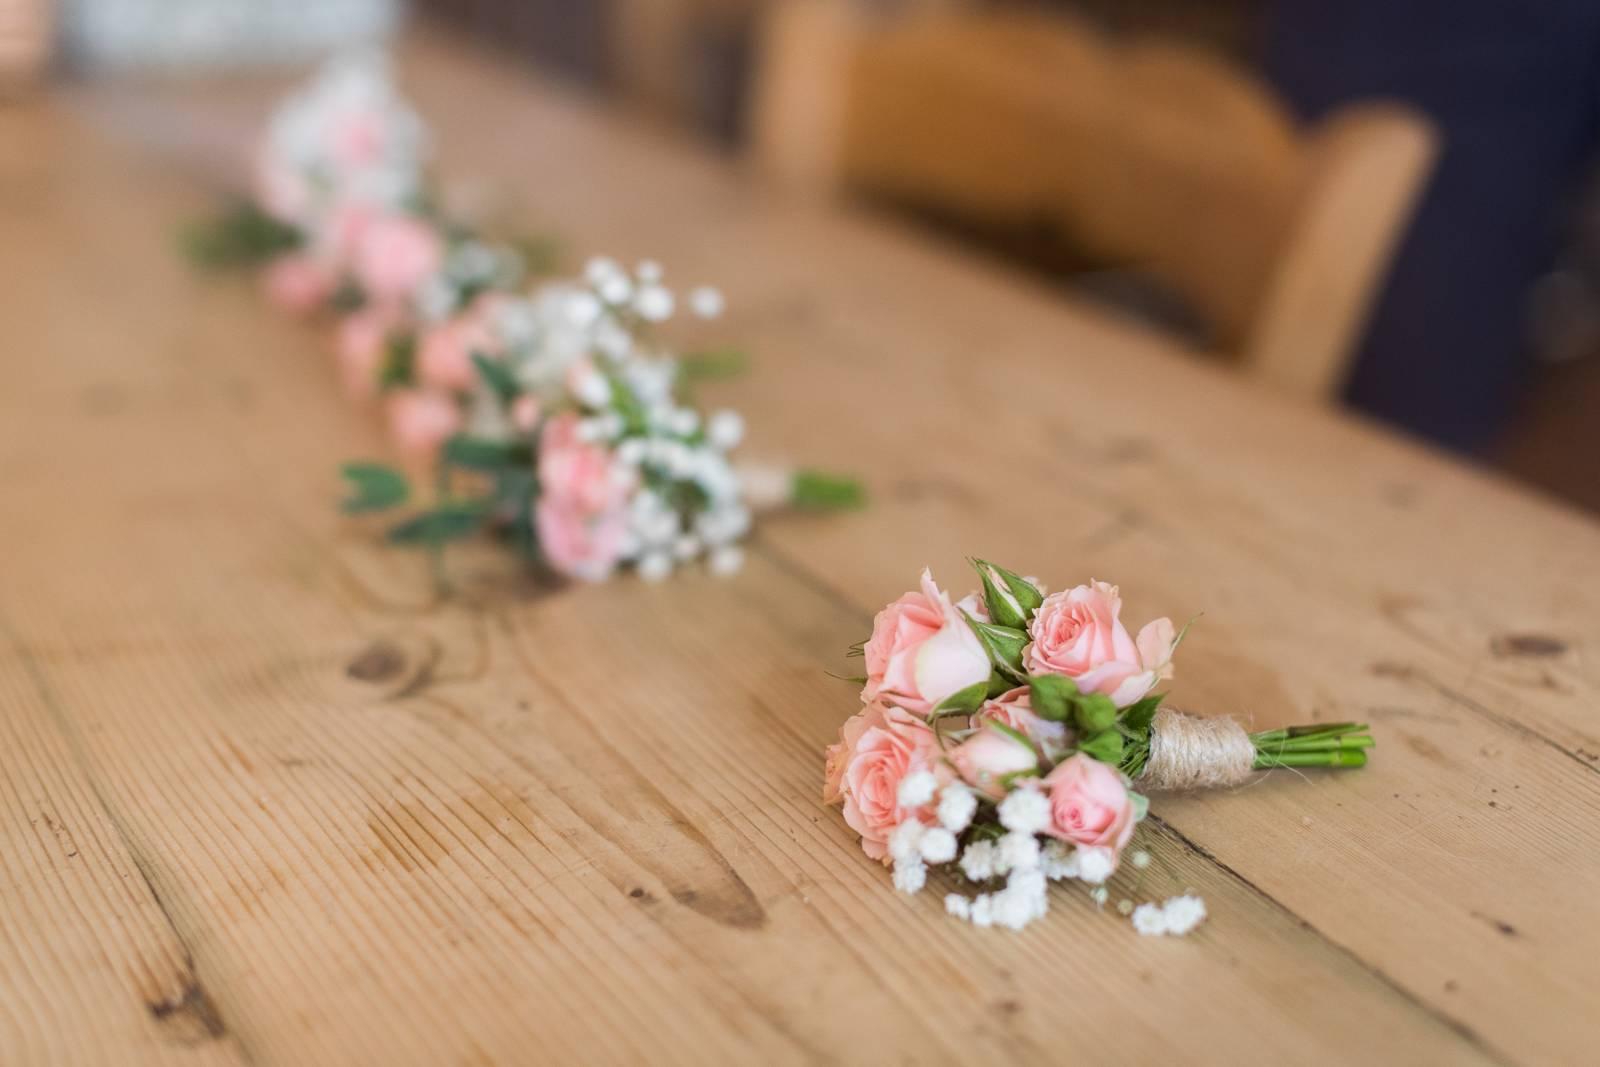 Chou Fleur - Bloemist - Fotograaf Hung Tran Photography  - House of Weddings (12) (Aangepast)